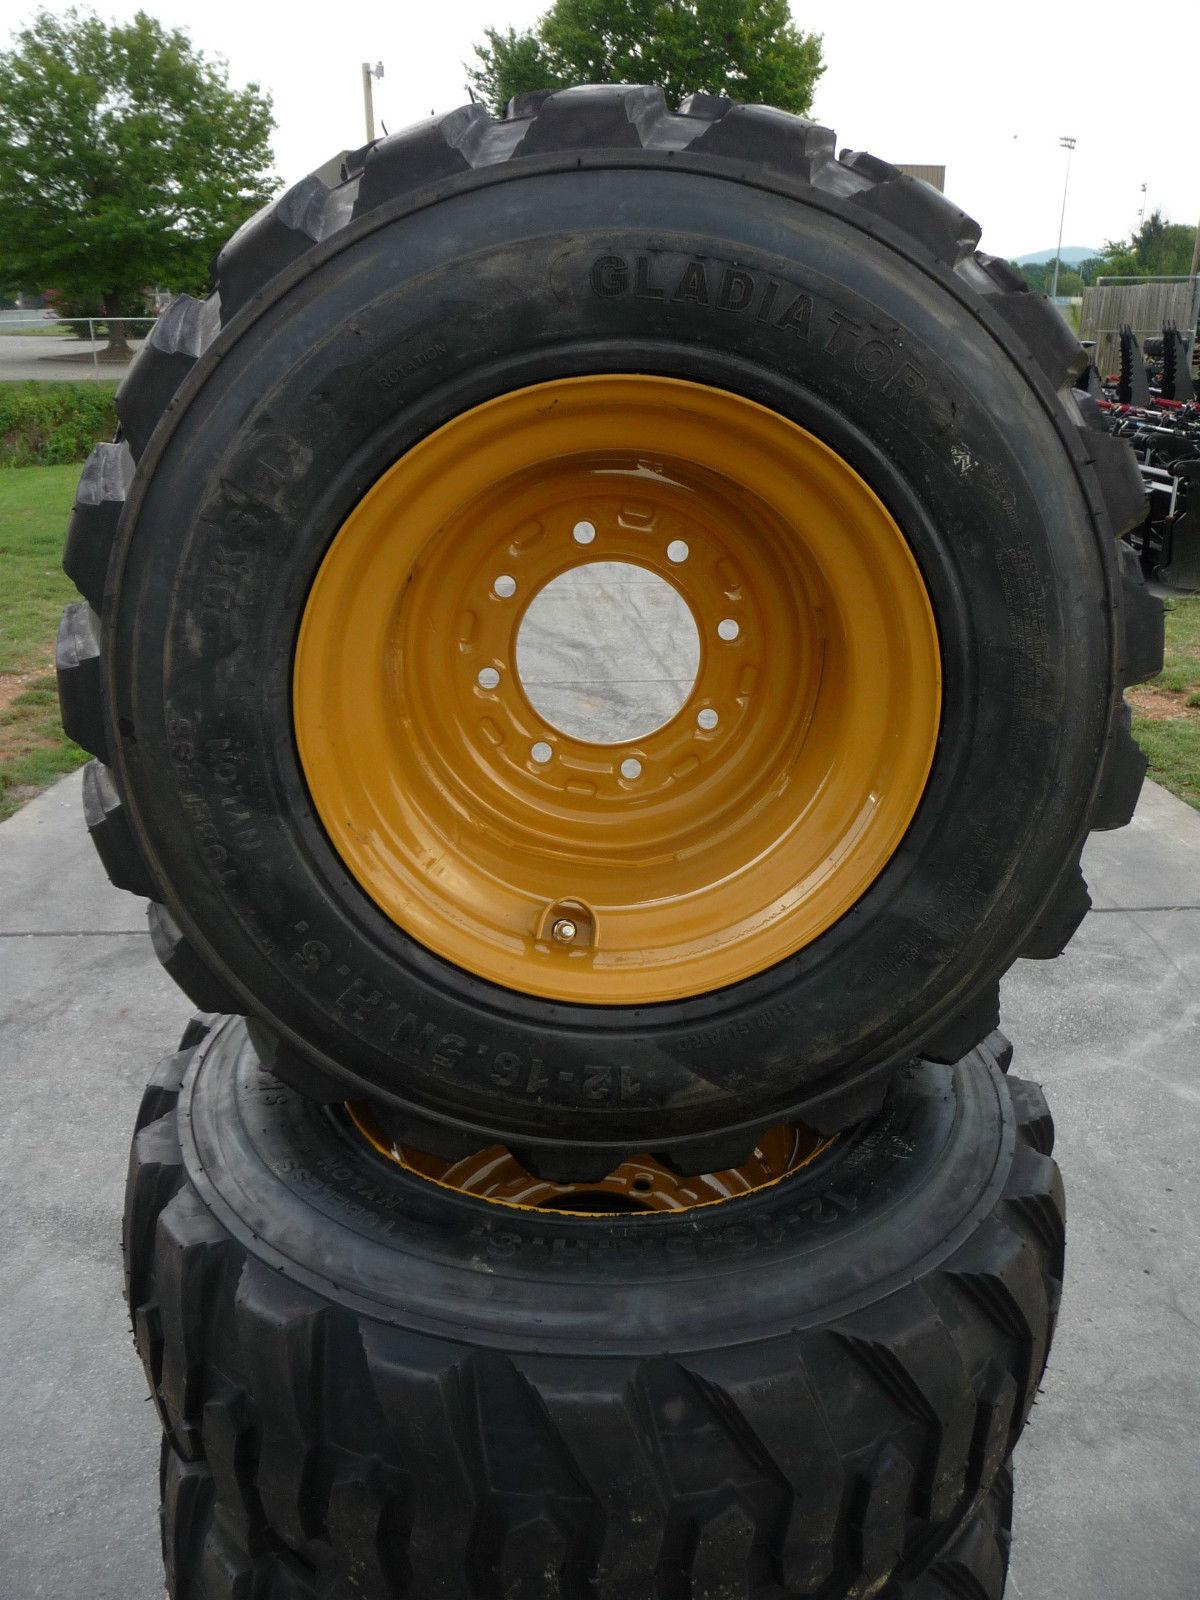 Wheels And Tires Solitek 12 16 5 Tubeless Skid Steer